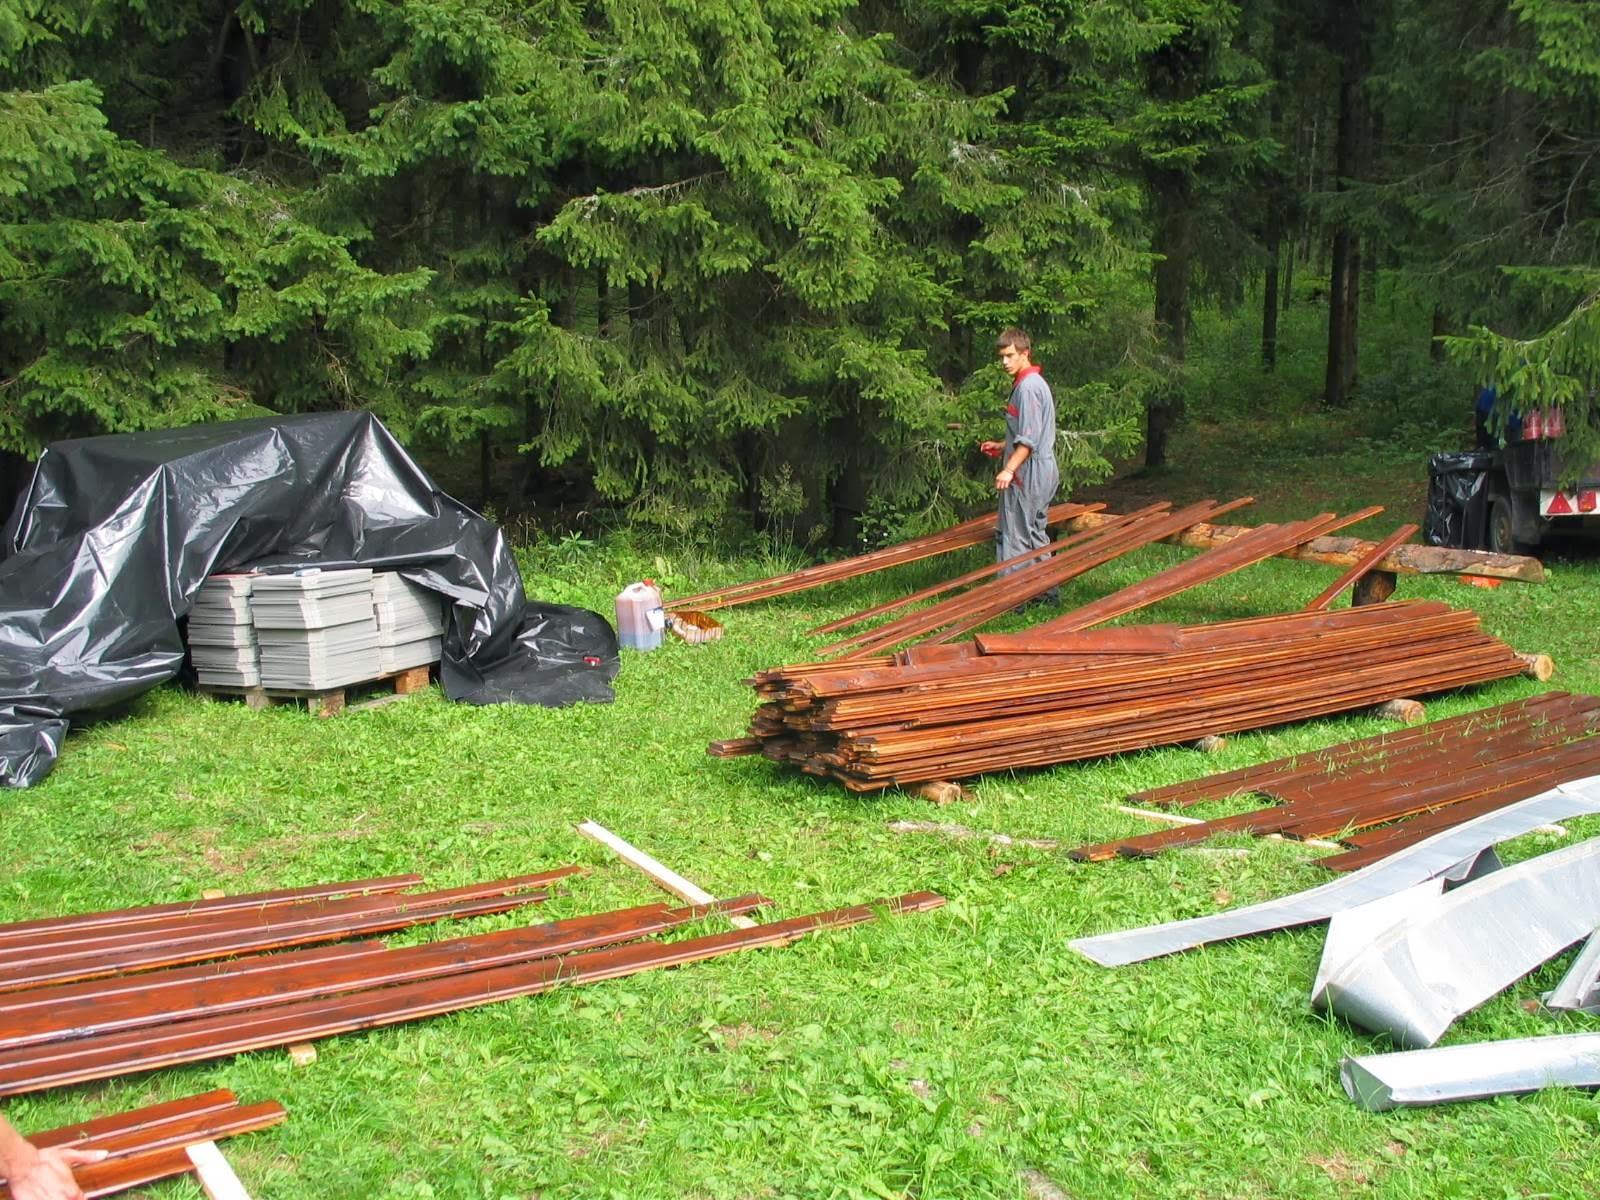 Delovna akcija - Streha, Črni dol 2006 - streha%2B080.jpg